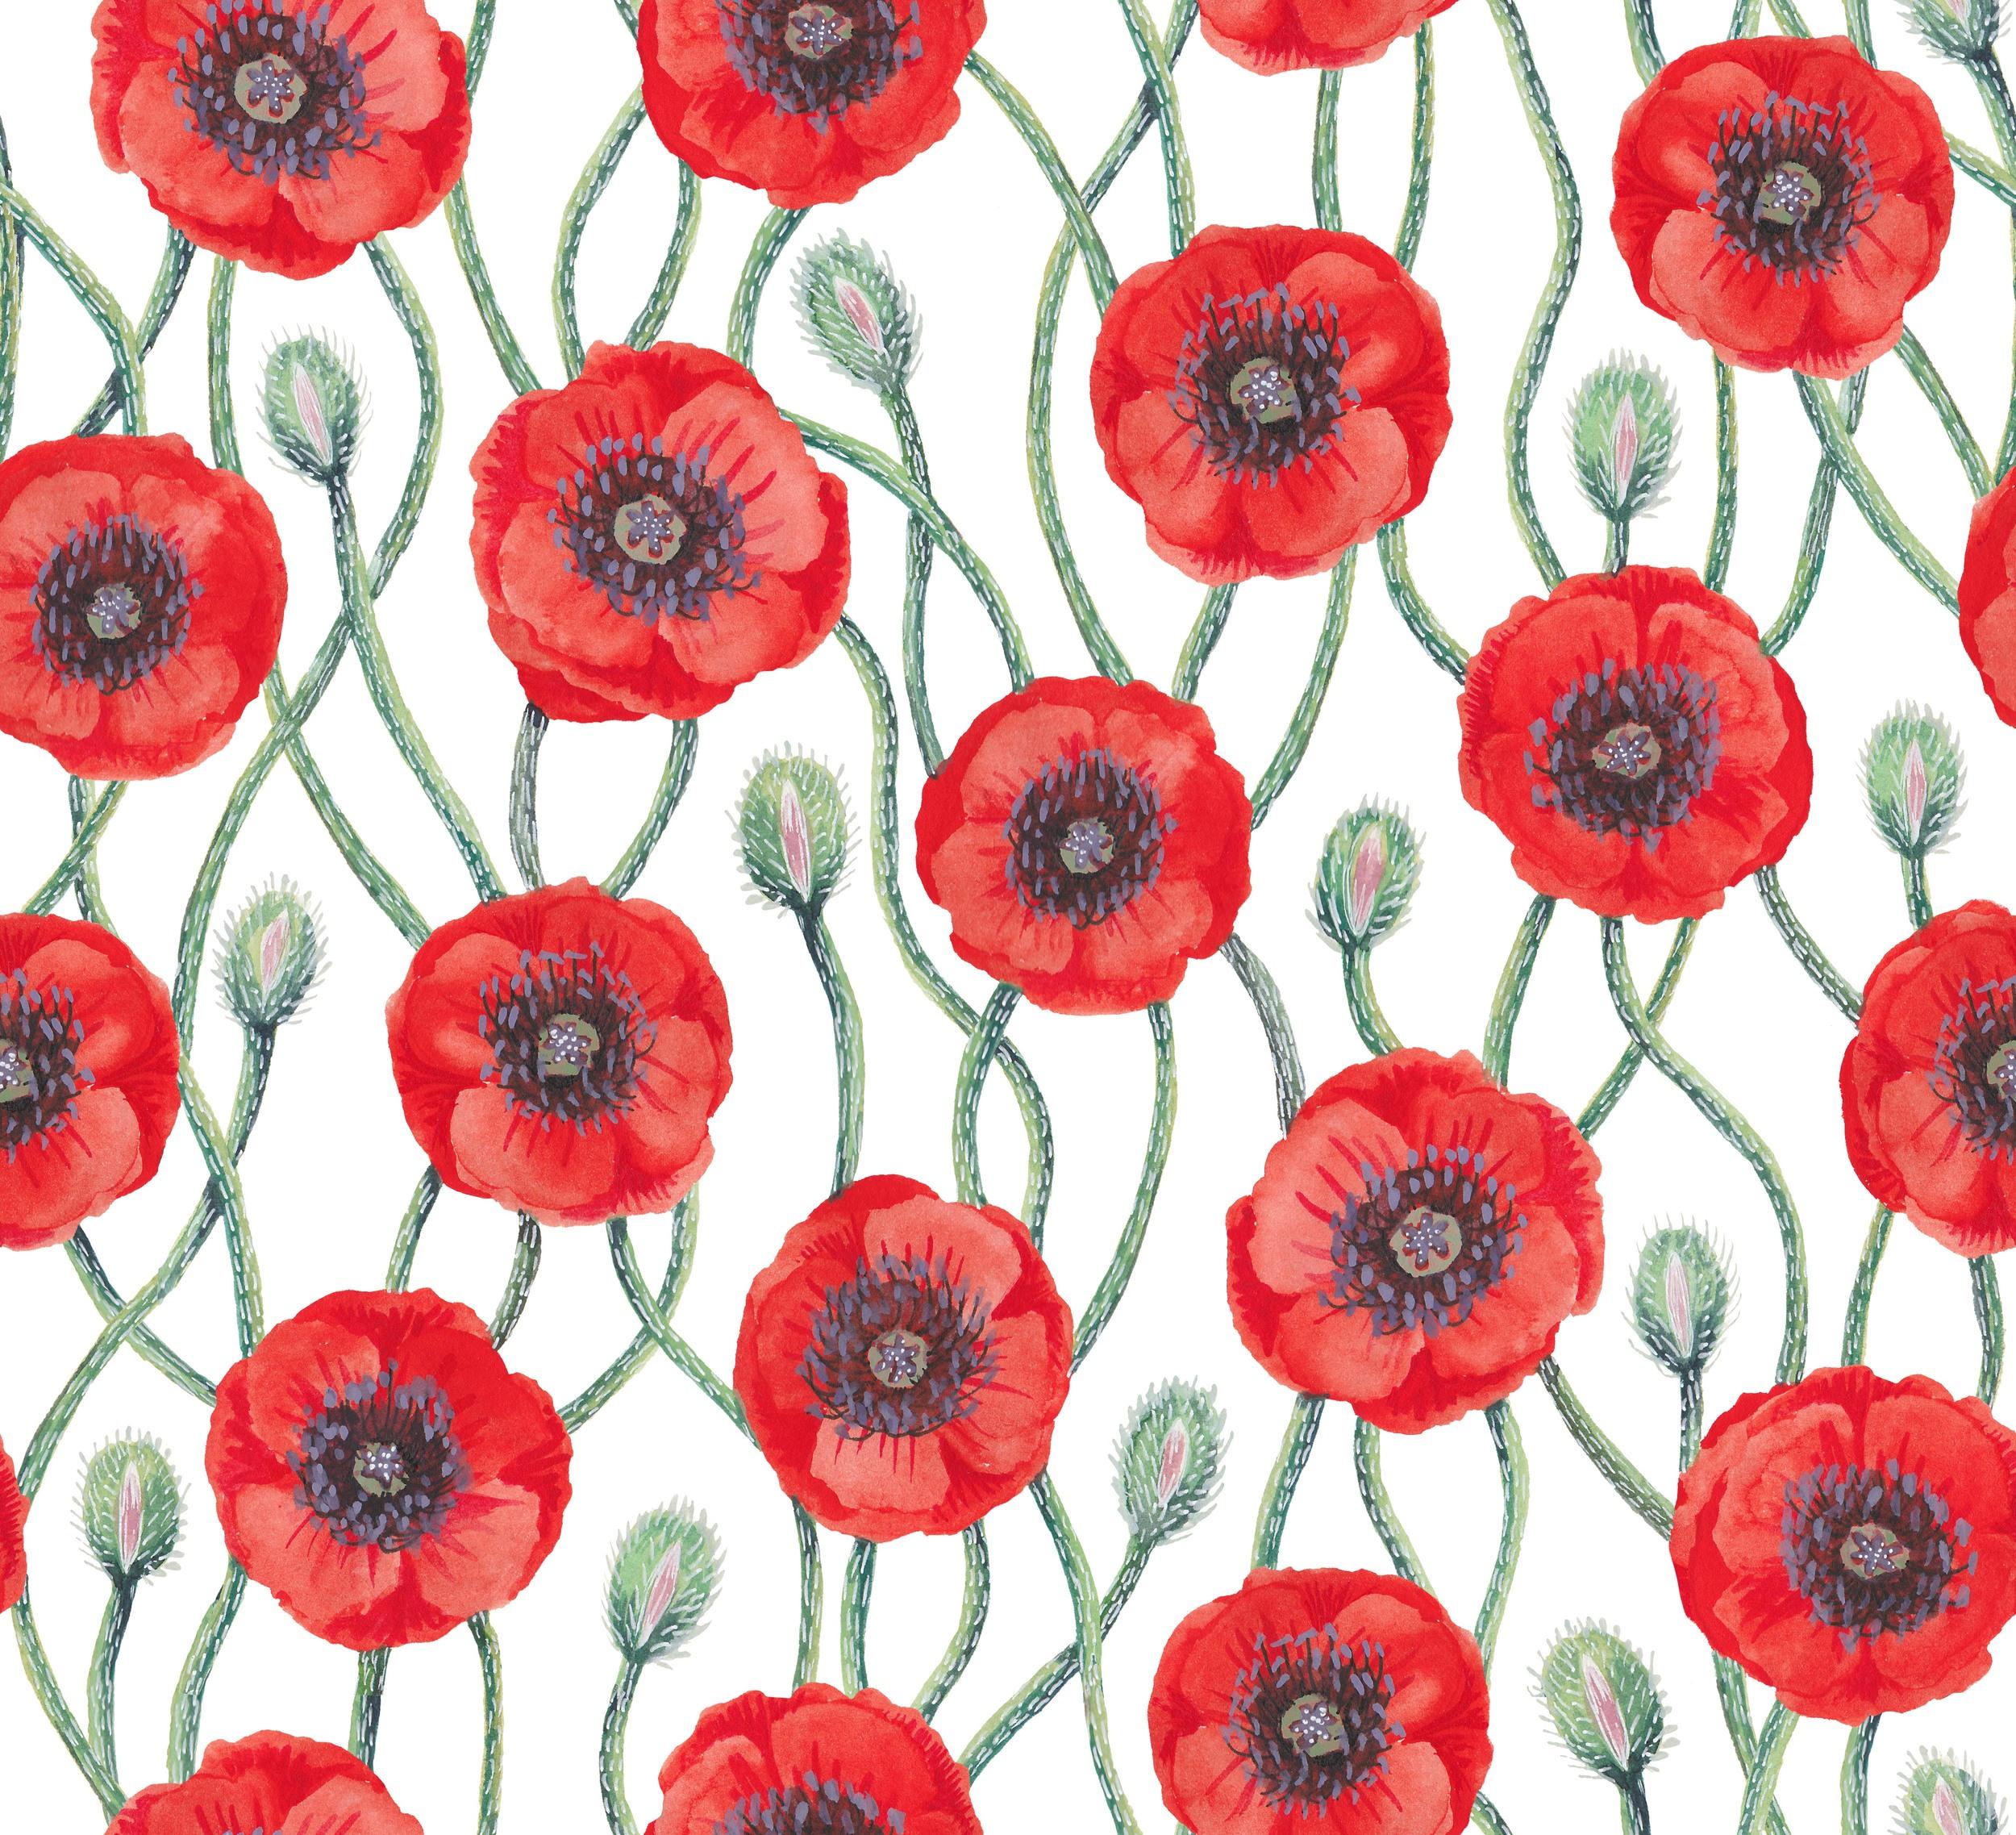 Poppy_Pattern_First_Try.jpg